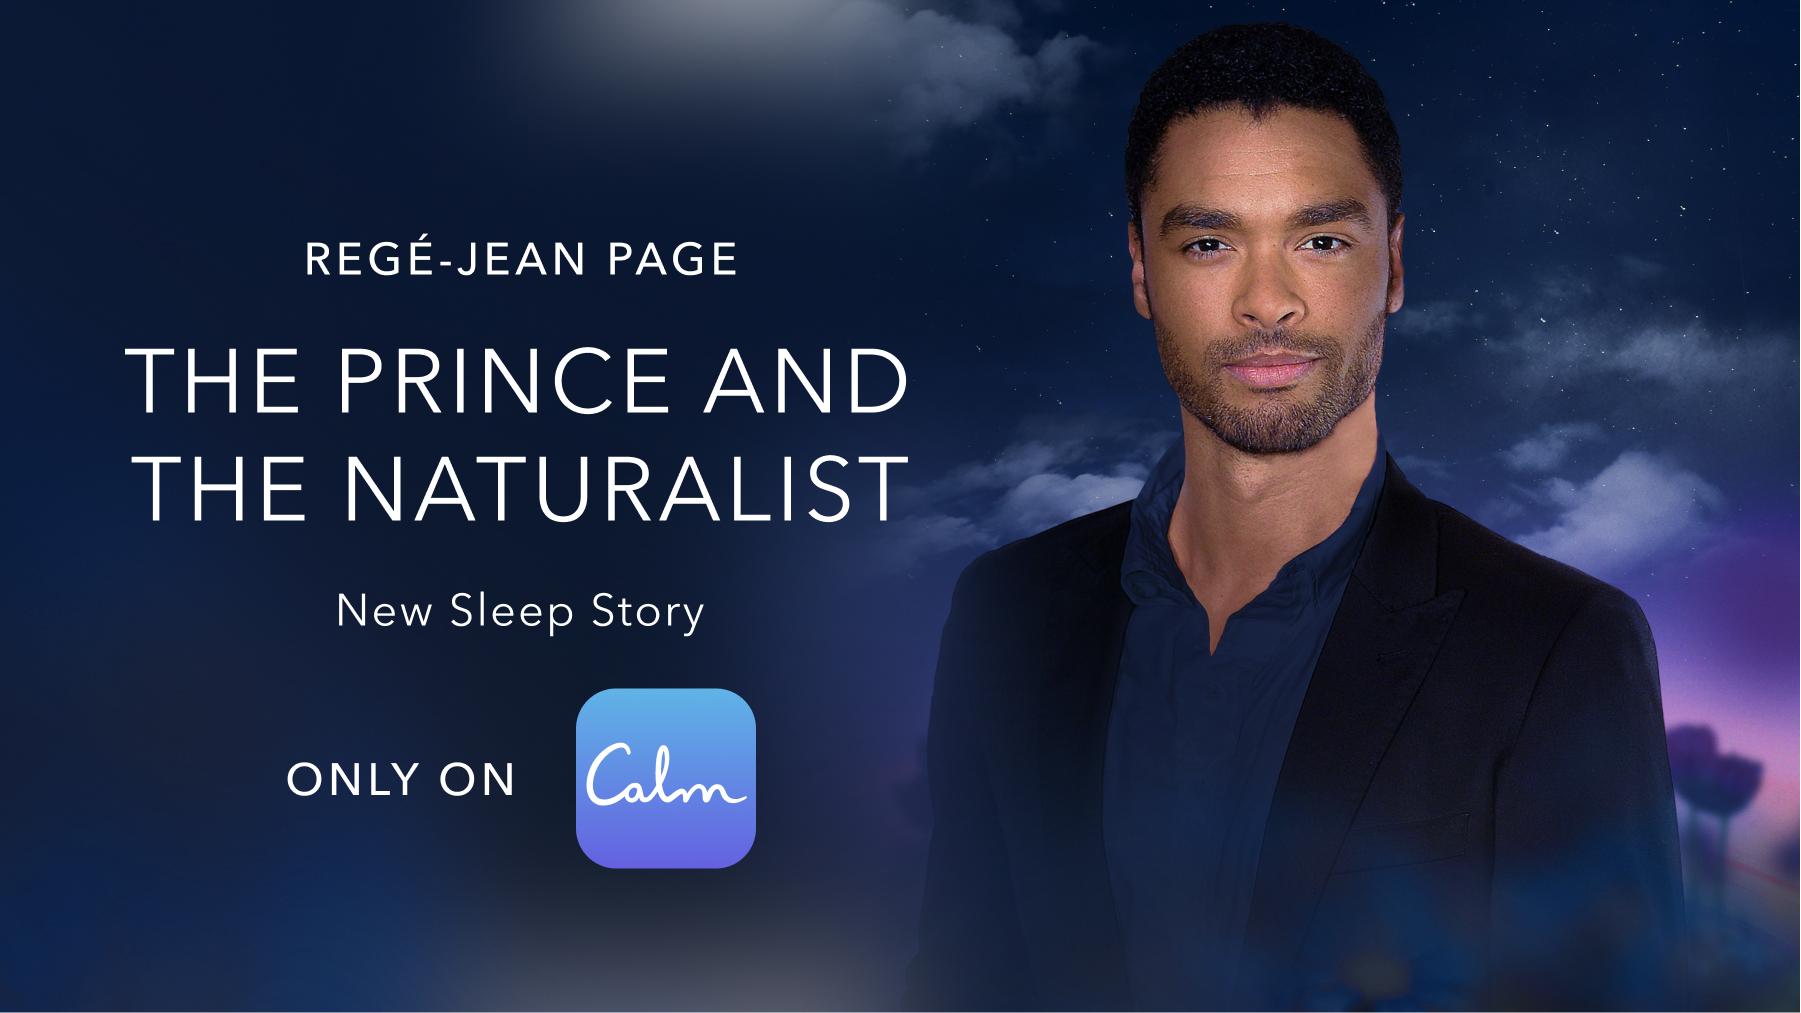 Regé-Jean Page on the Calm app